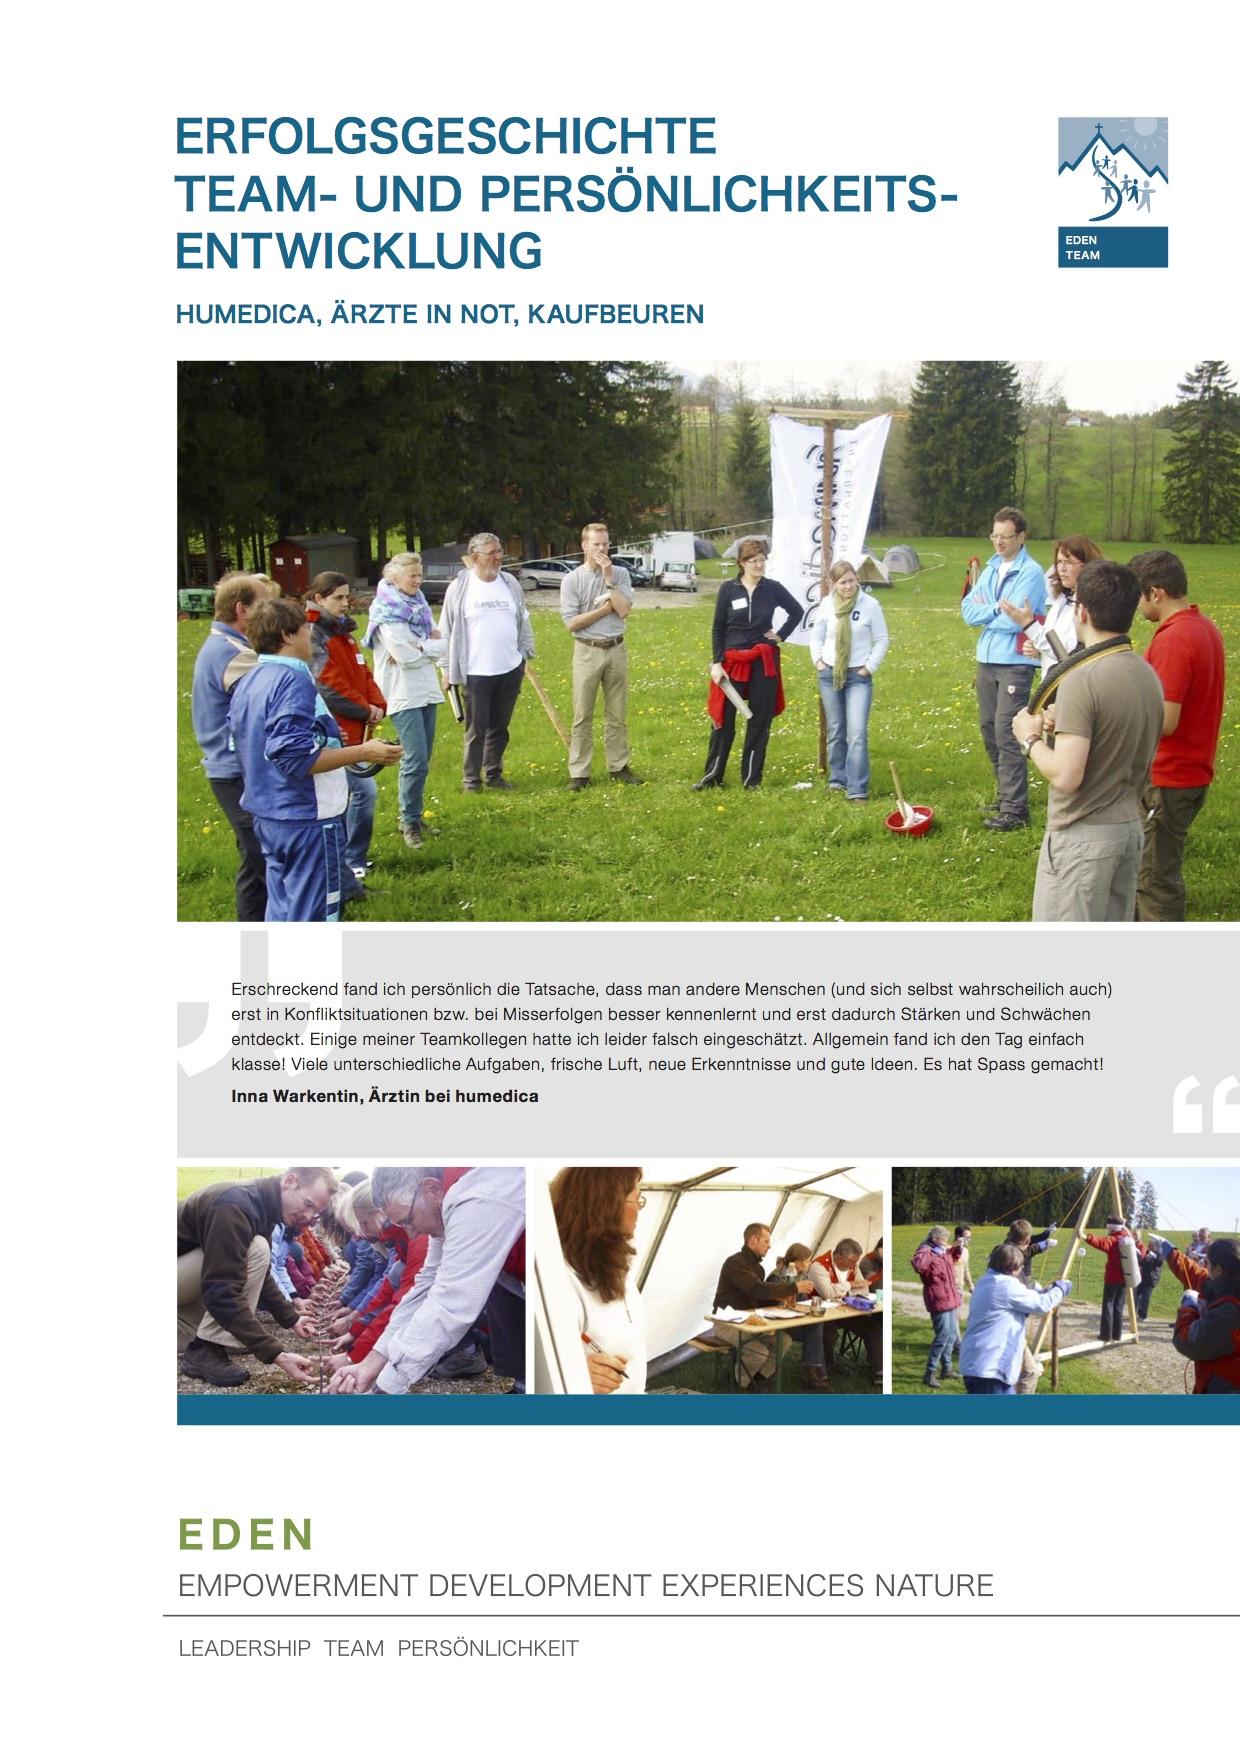 team_team_und_persoenlichkeitsentwicklung_eg_humedica